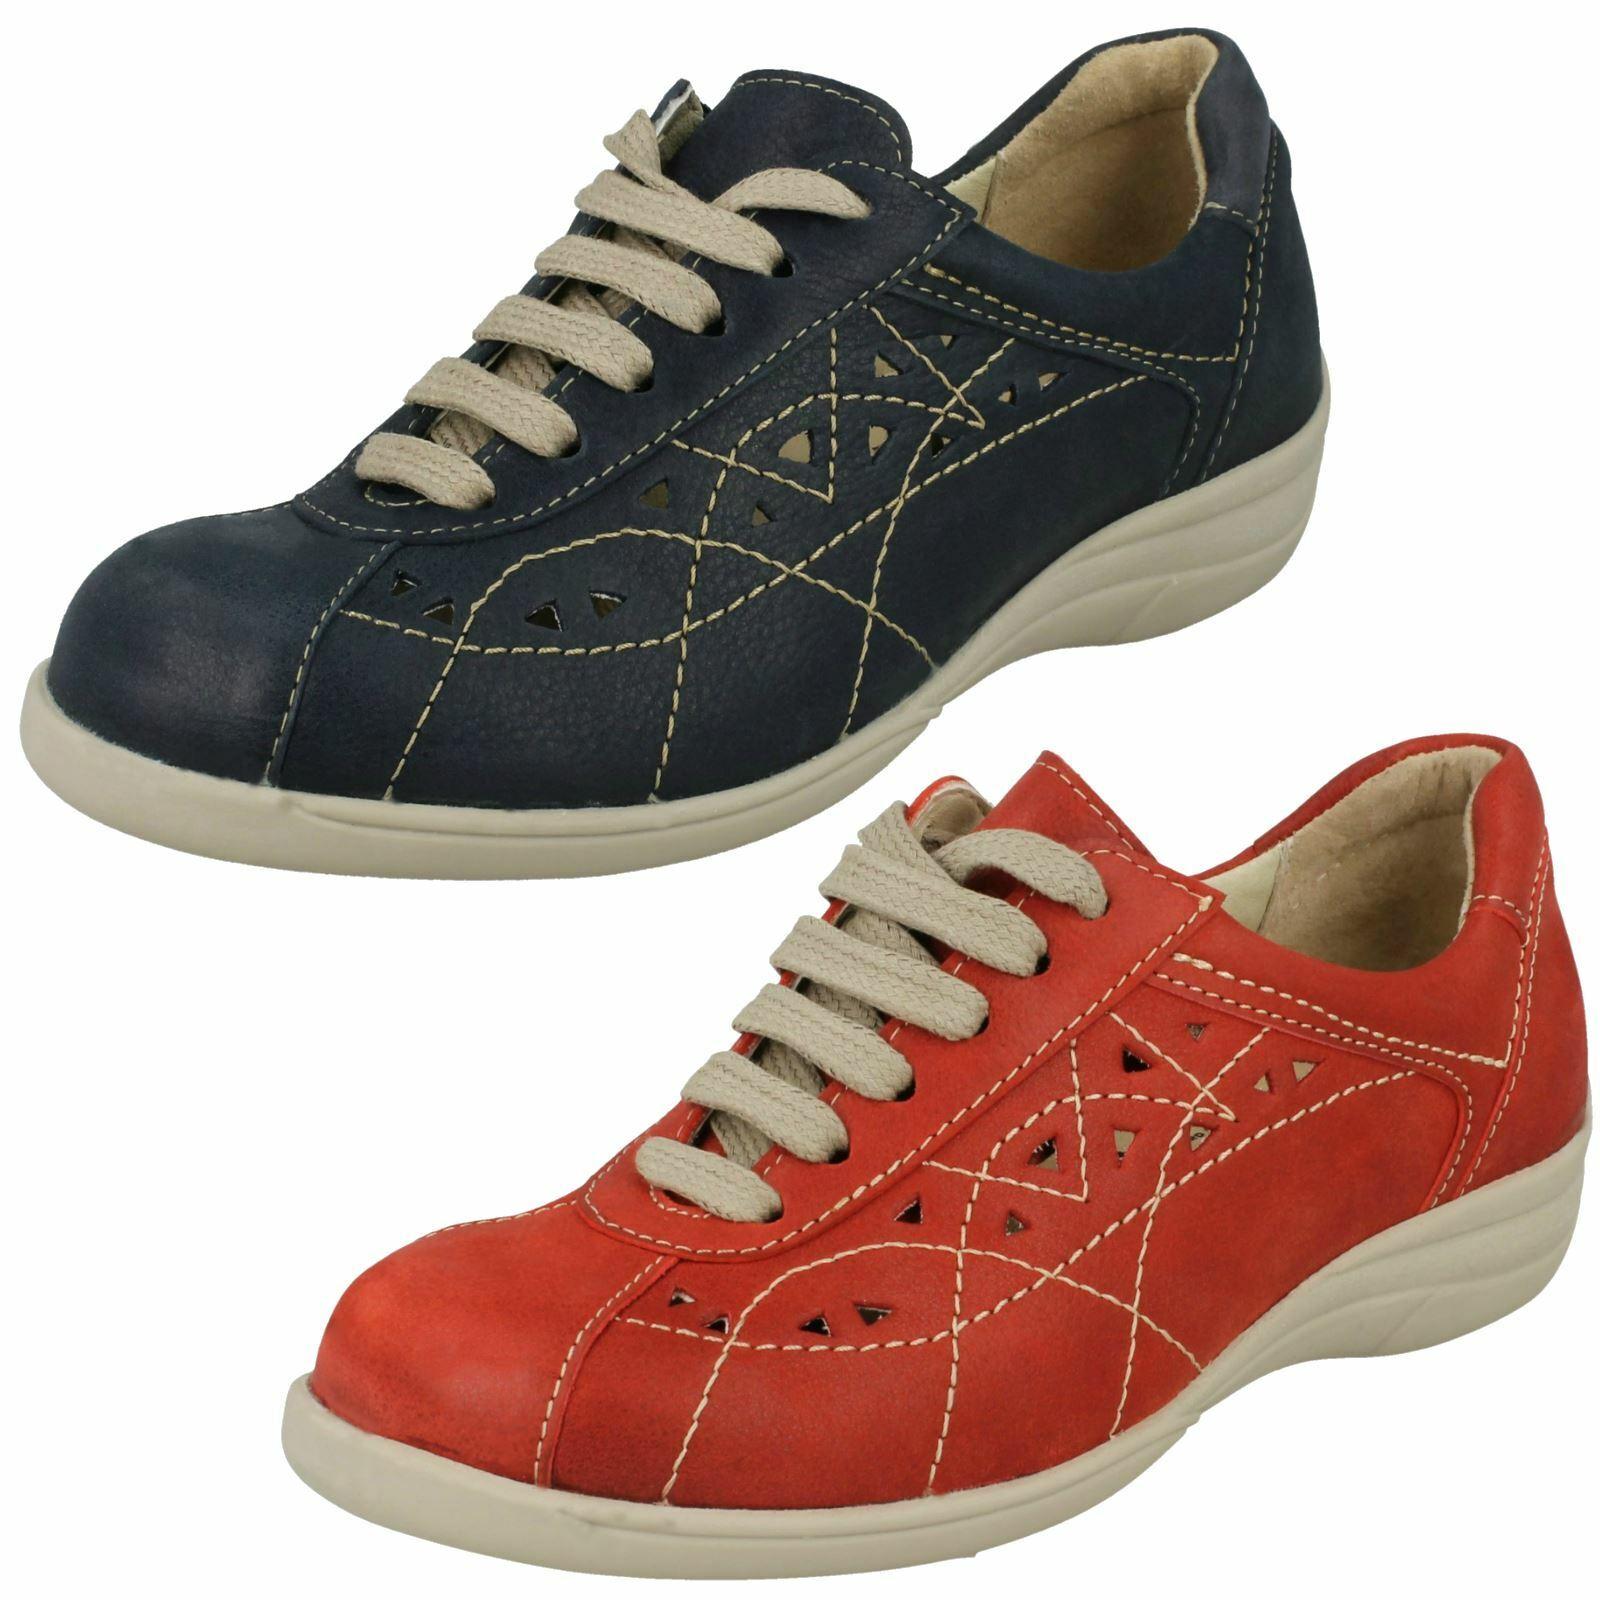 Femmes Easy B plat, lacets chaussures de loisirs  HORNSEA